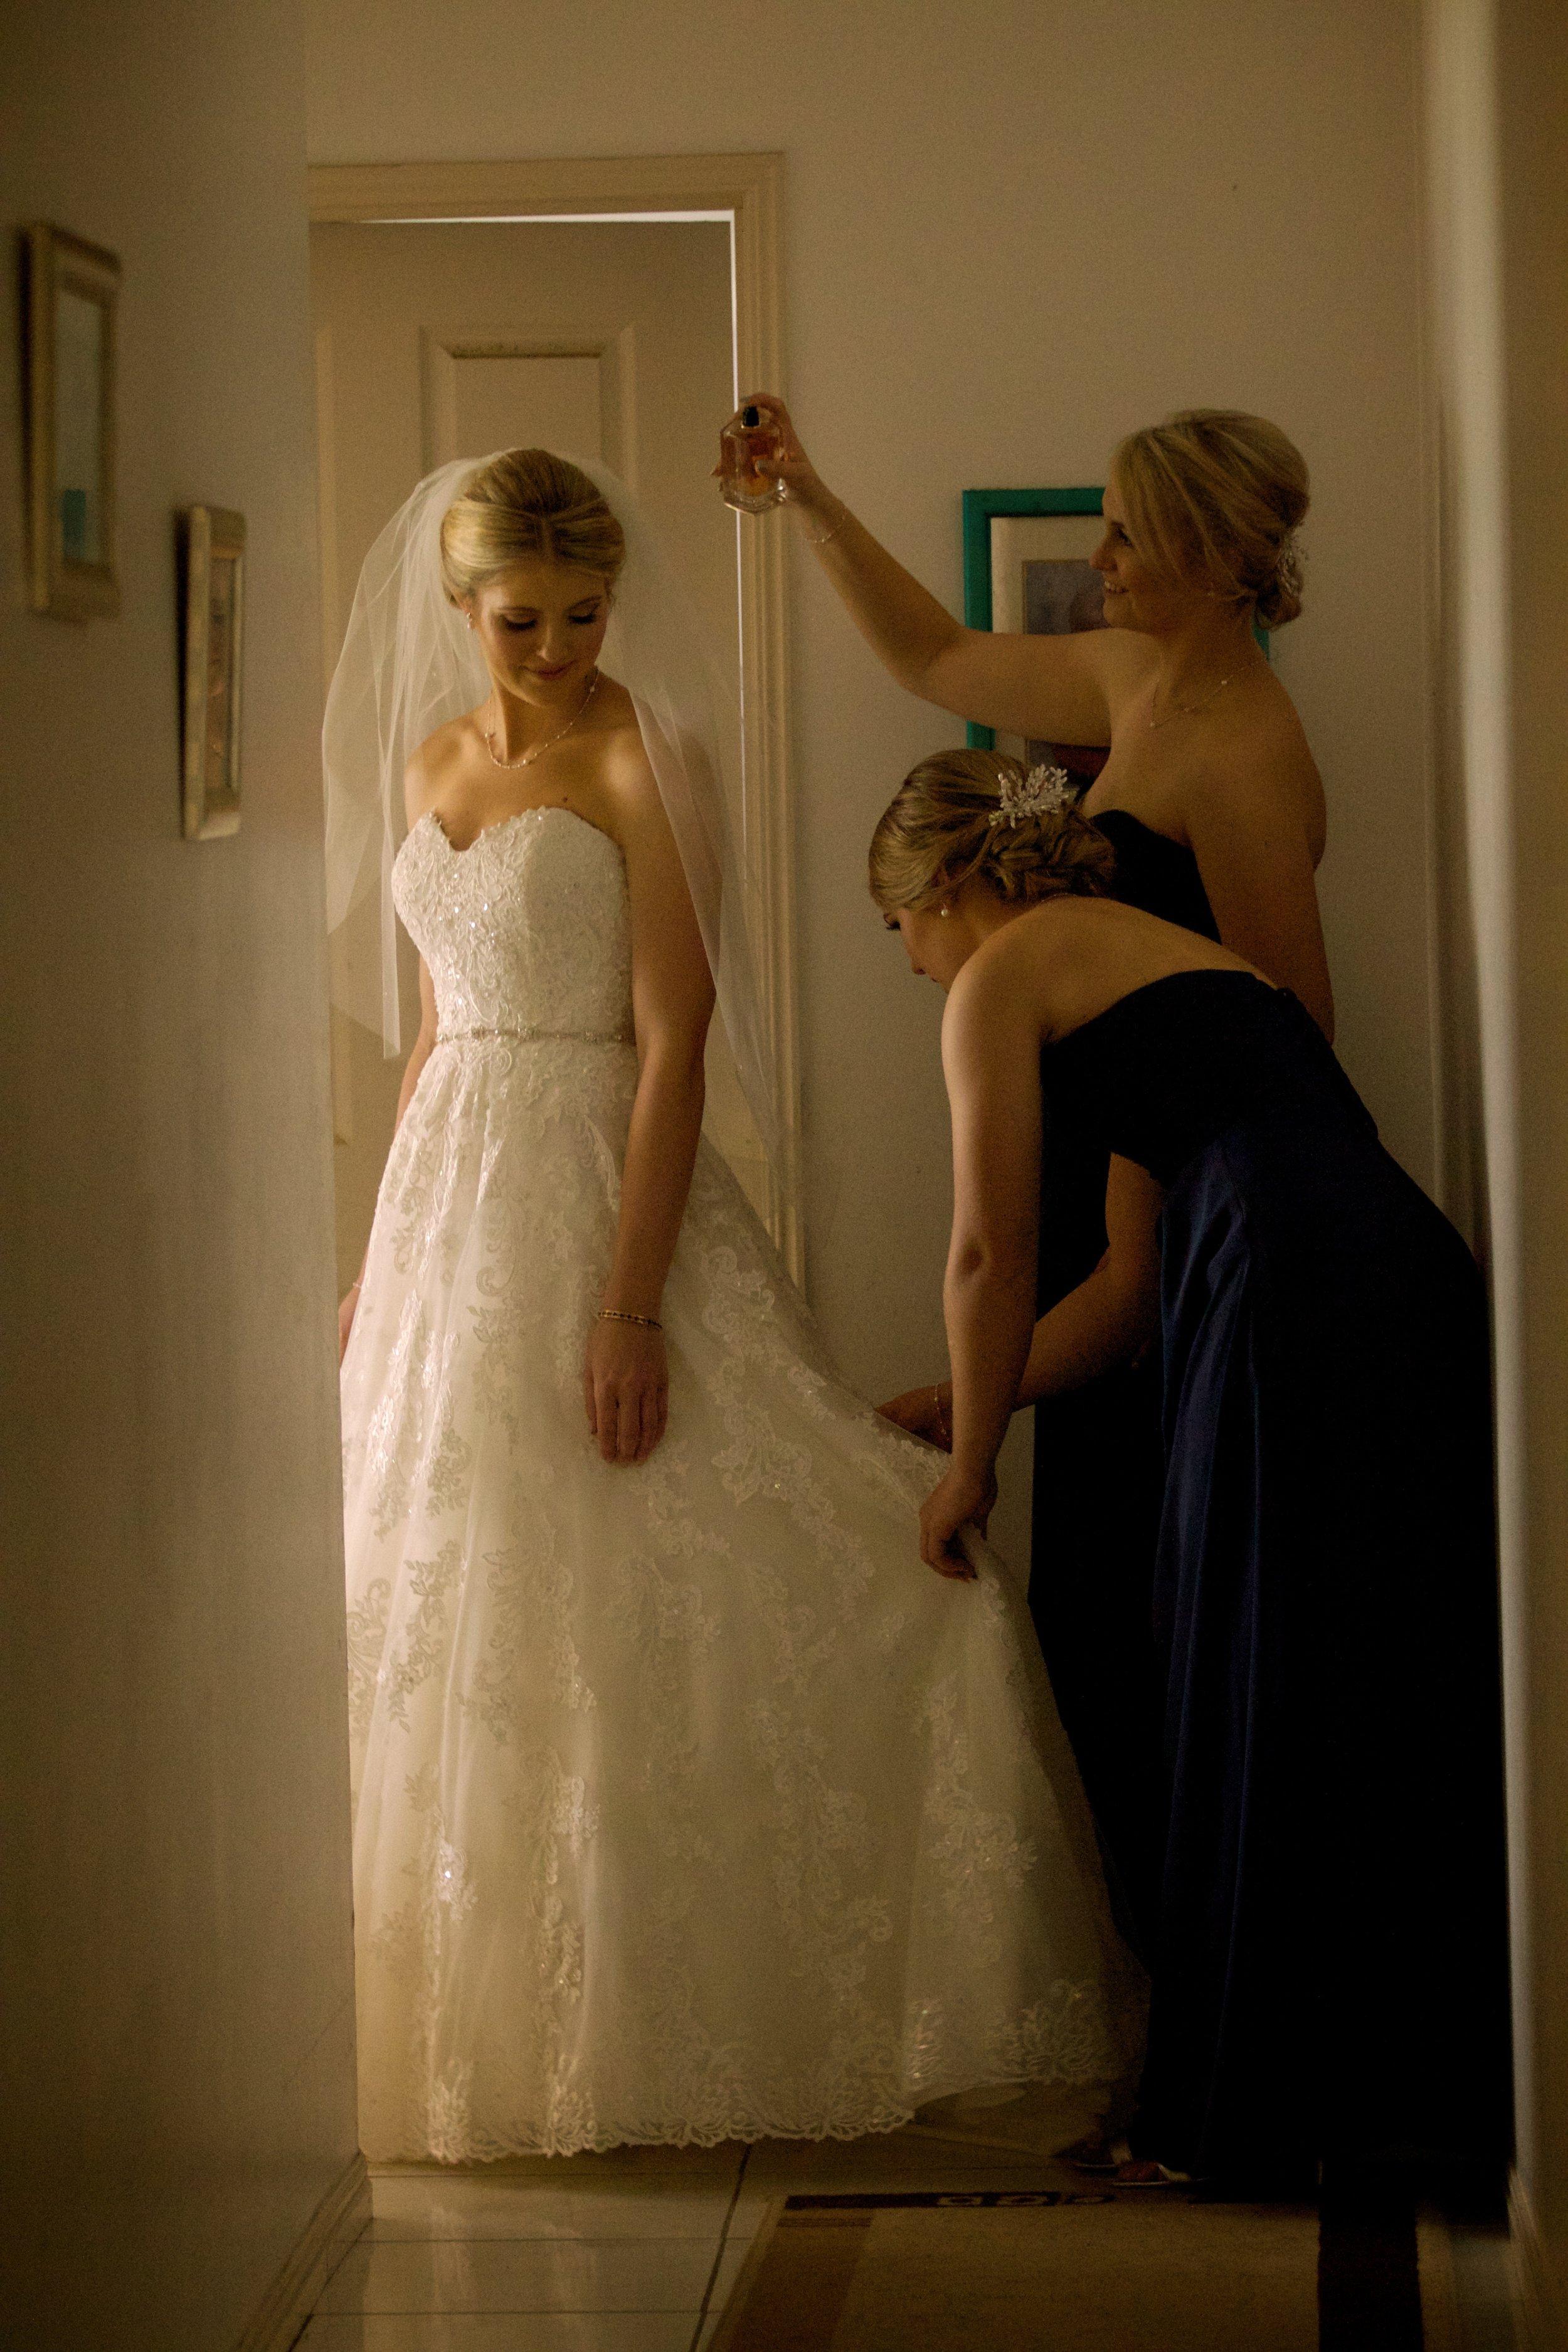 Showcase your Weddingwith stunning photographs -